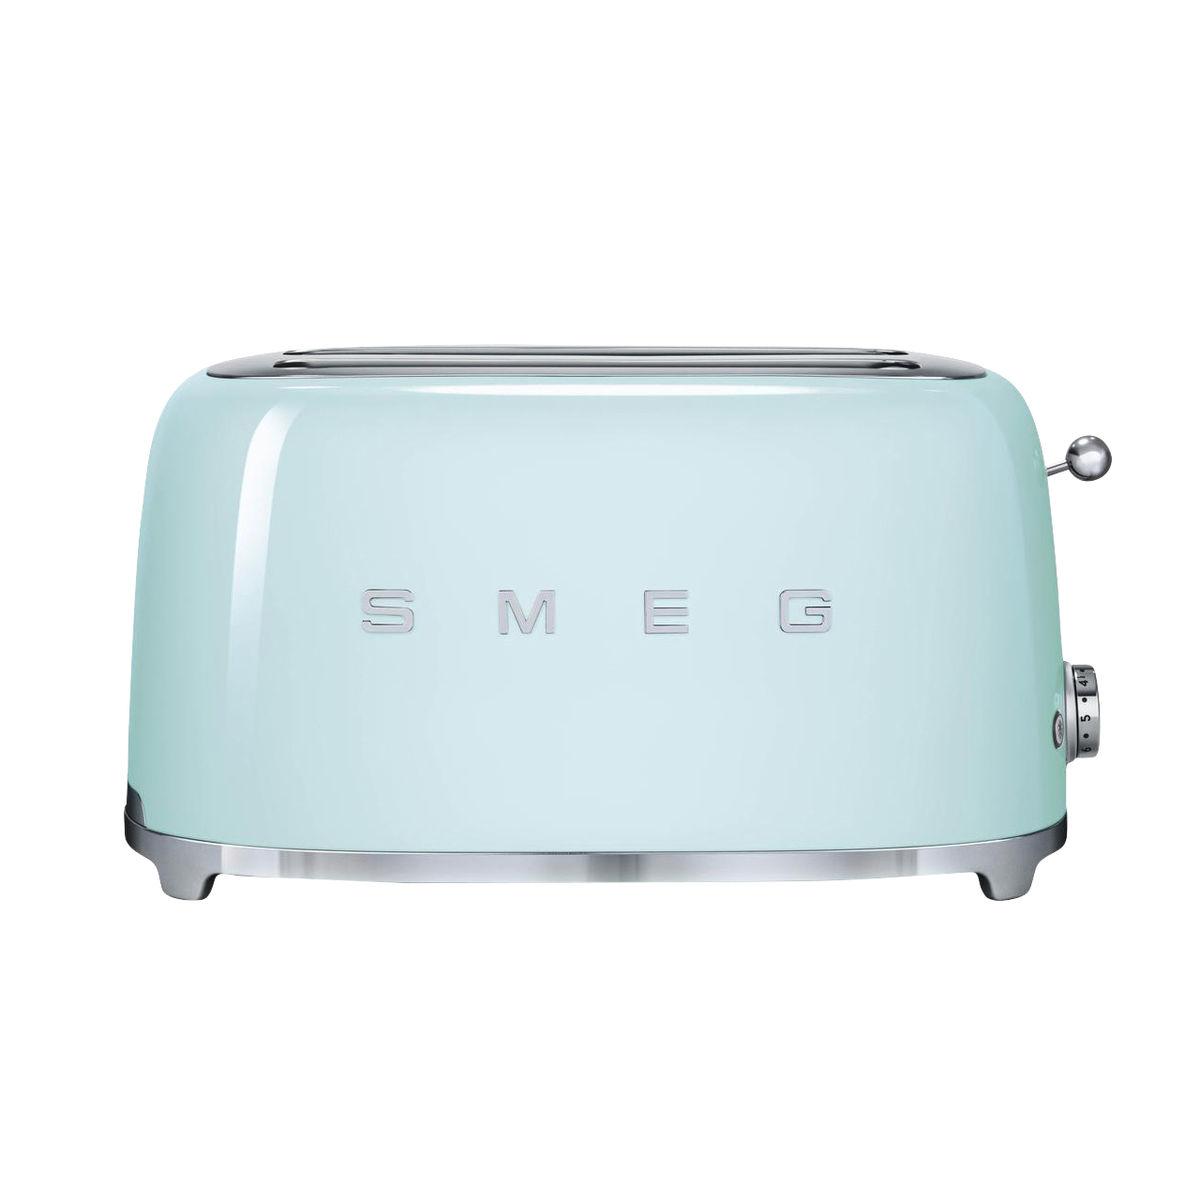 SMEG Toaster 4 Slices TSF02 Smeg AmbienteDirectcom